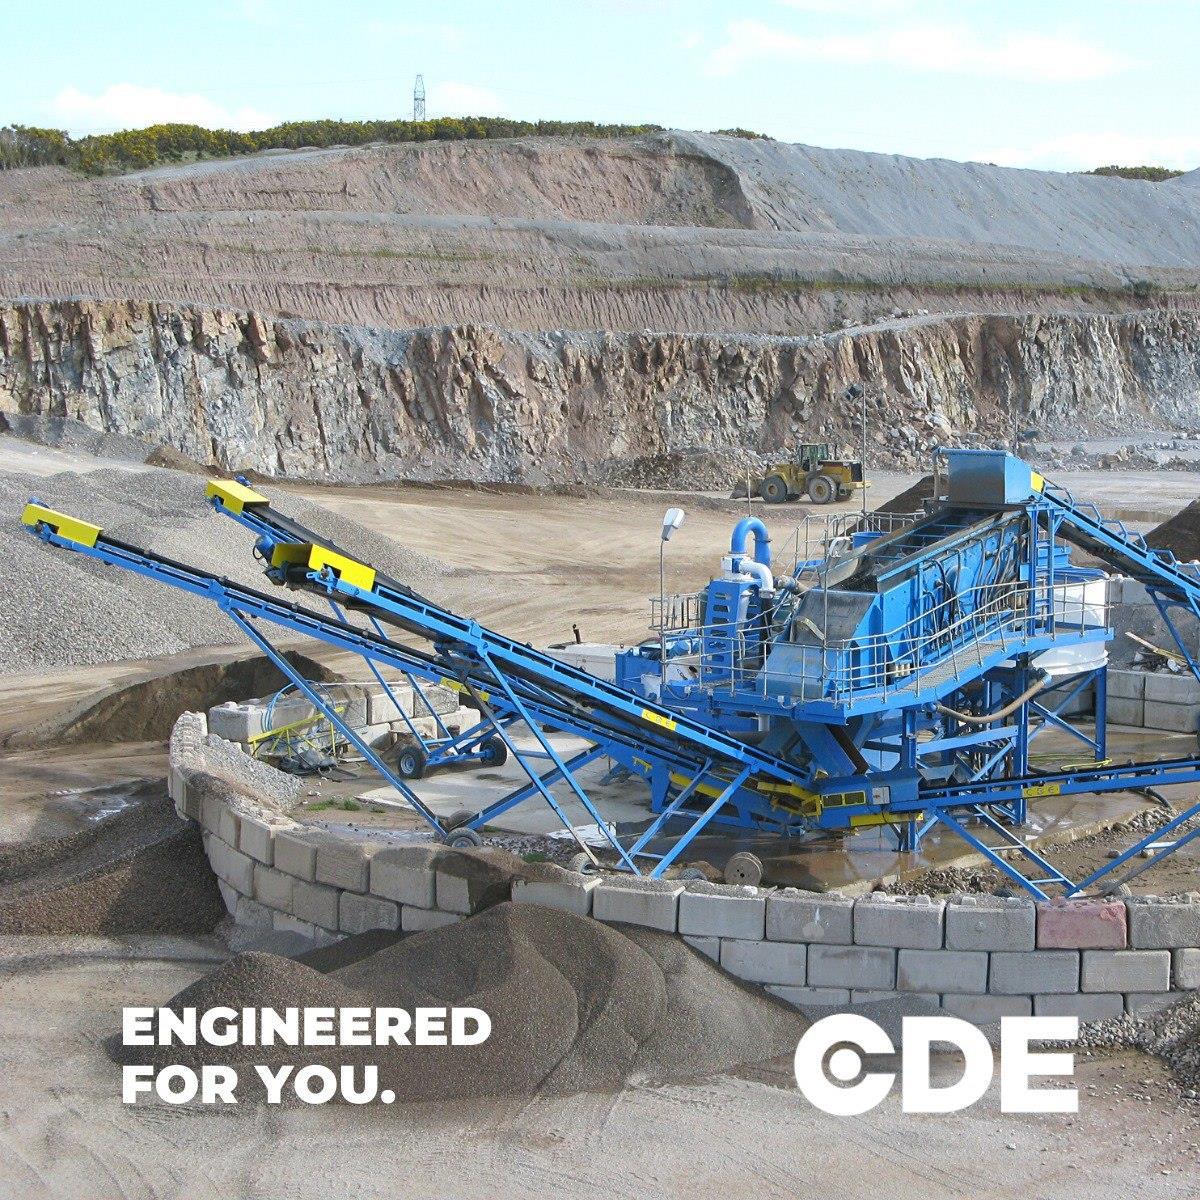 CDE приглашает на открытый вебинар: какие решения для мойки материалов наиболее эффективны